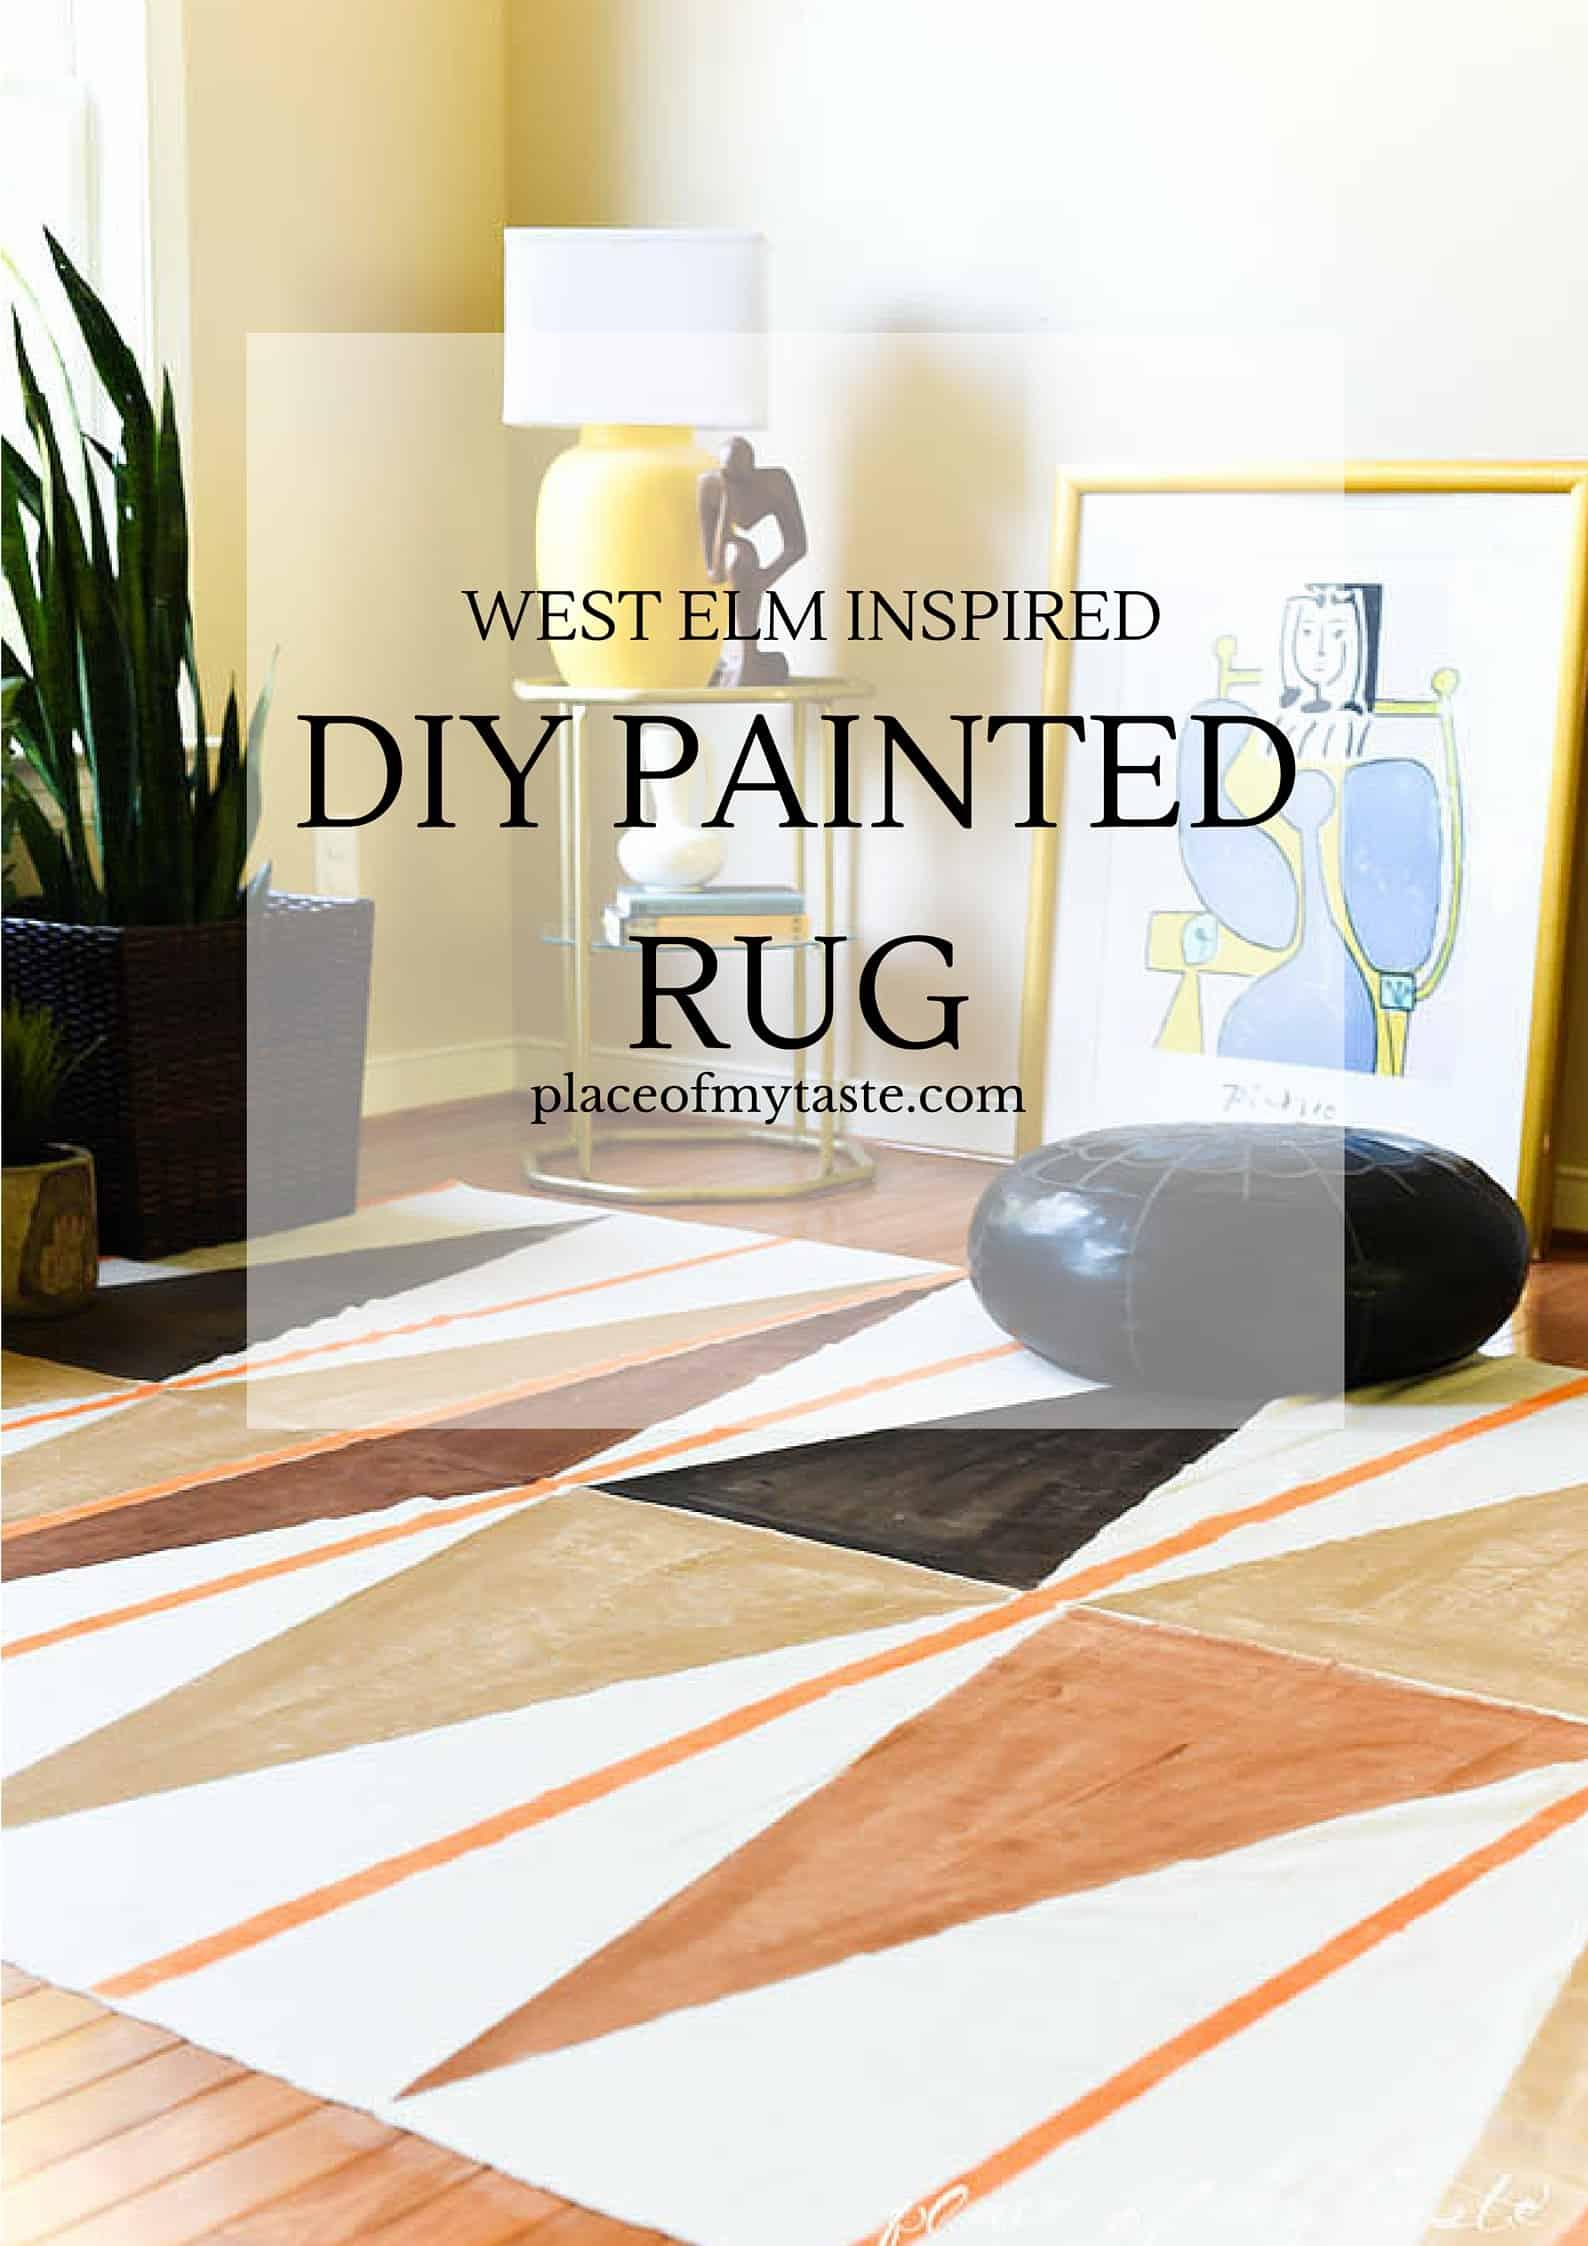 diy painted rug1